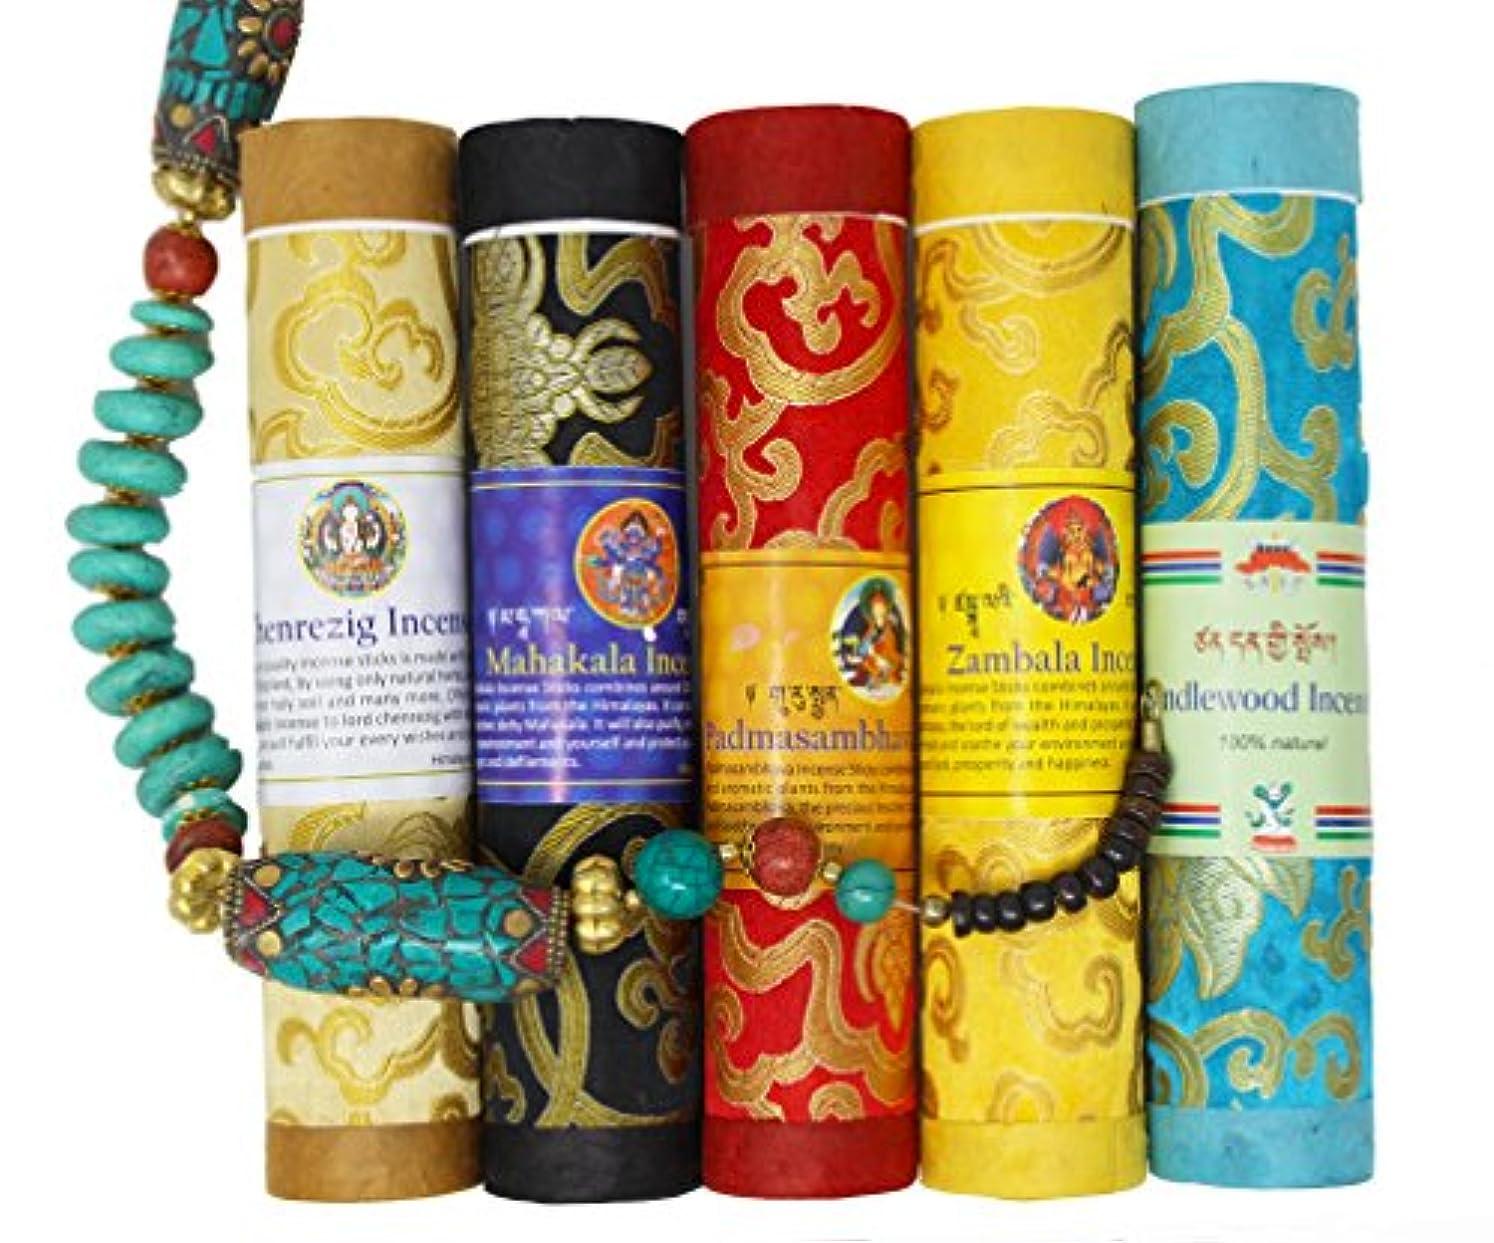 治療余裕がある有力者juccini Tibetan Incense Sticks ~ Spiritual Healing Hand Rolled Incense Made from Organic Himalayan Herbs